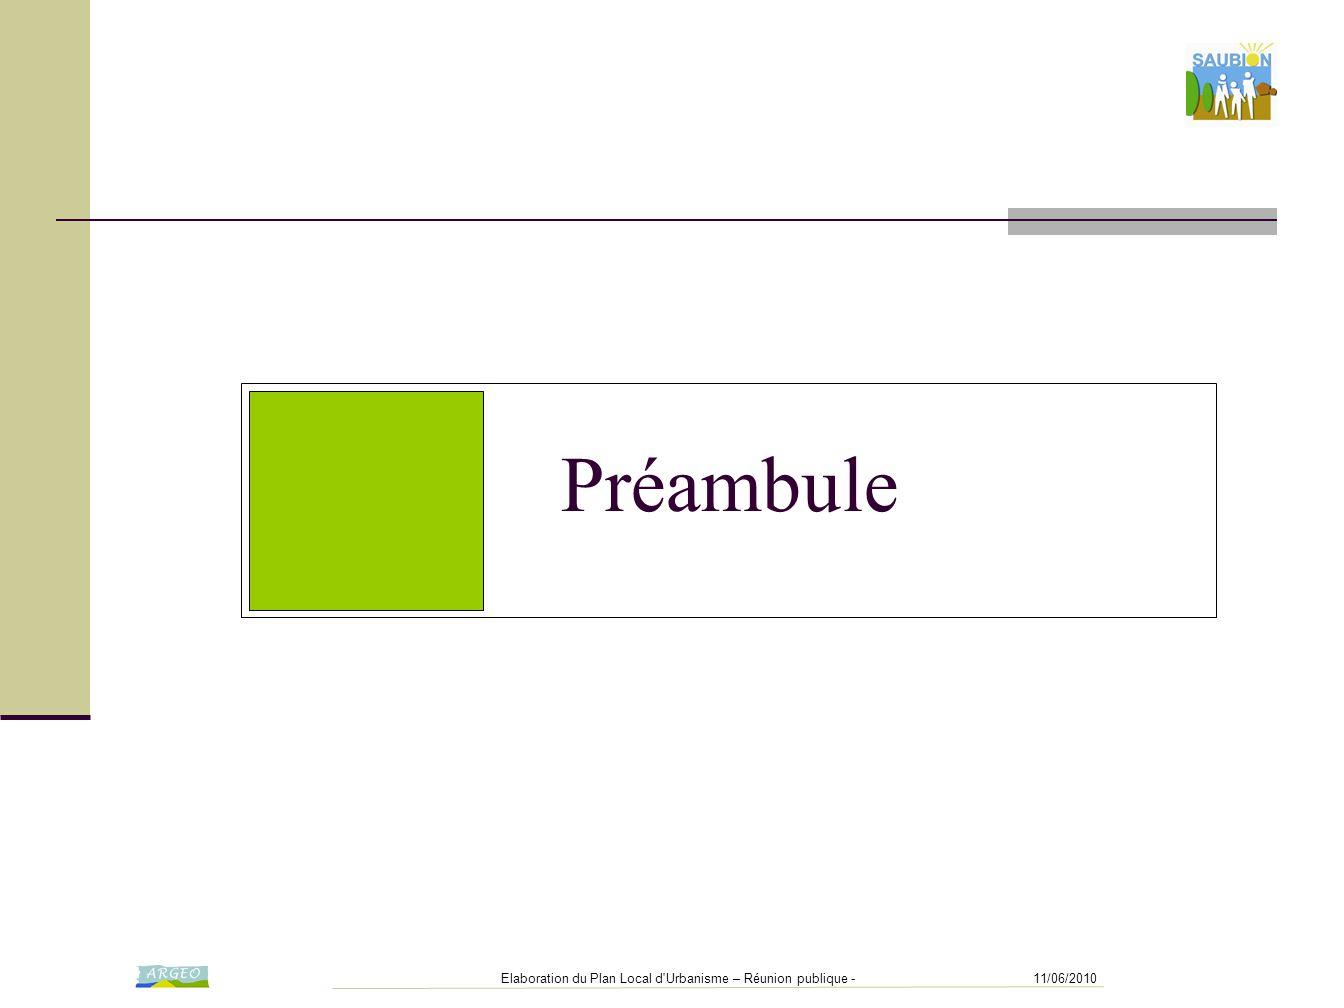 11/06/2010Elaboration du Plan Local d Urbanisme – Réunion publique - Préambule Le PADD dans la structure du PLU Rapport de présentation: 1 ère partie: Diagnostic 2 ème partie: Justification Un Projet d'Aménagement et de Développement Durable (PADD):  Définit le projet communal mais n'est pas opposable (directement) aux autorisations d'urbanisme se traduit par Sa présentation est l'objet de la rencontre d'aujourd'hui sur certains quartiers, des orientations d'aménagement, facultatives, dont l'esprit doit être respecté sur toute la commune, le règlement devant être respecté à la lettre Fera l'objet de la transcription règlementaire